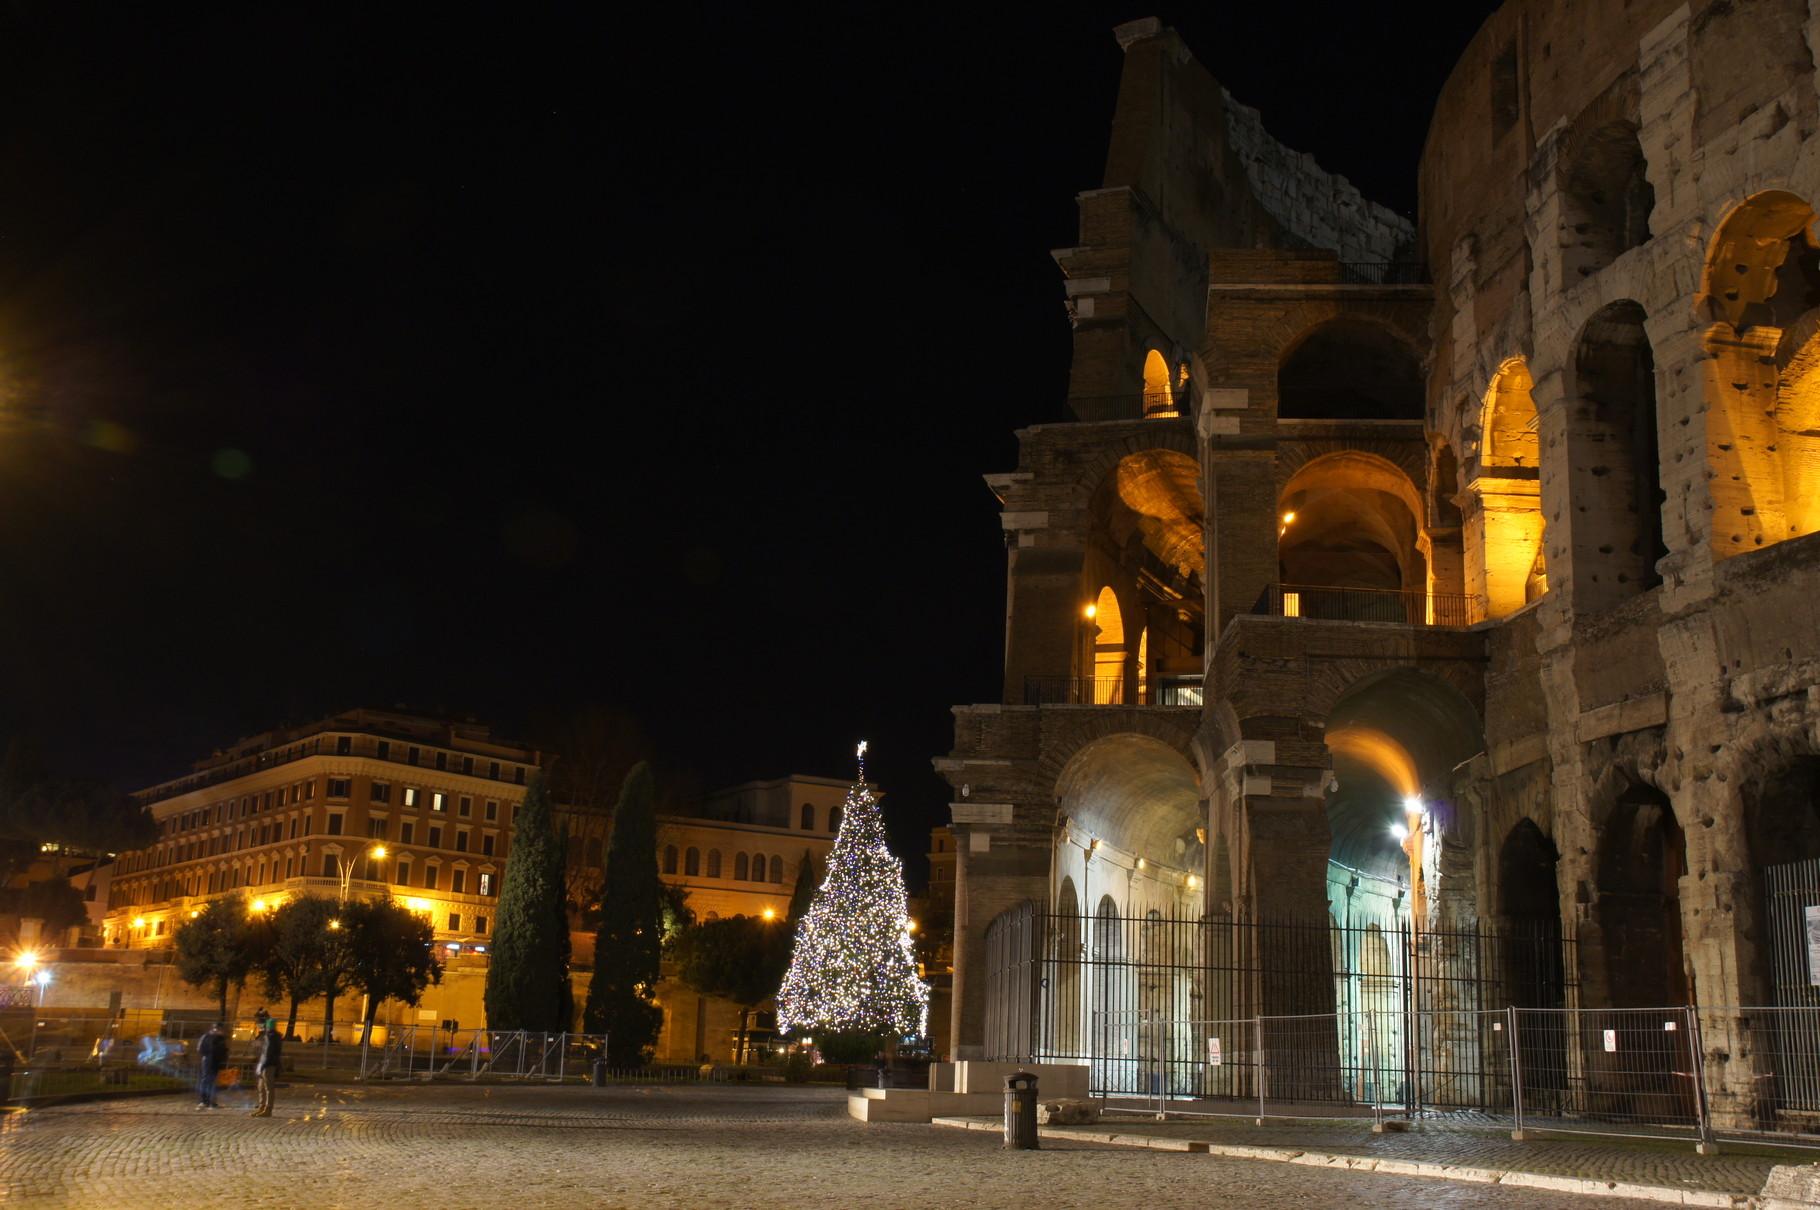 Weihnachtliche Stimmung am Kolloseum, Rom